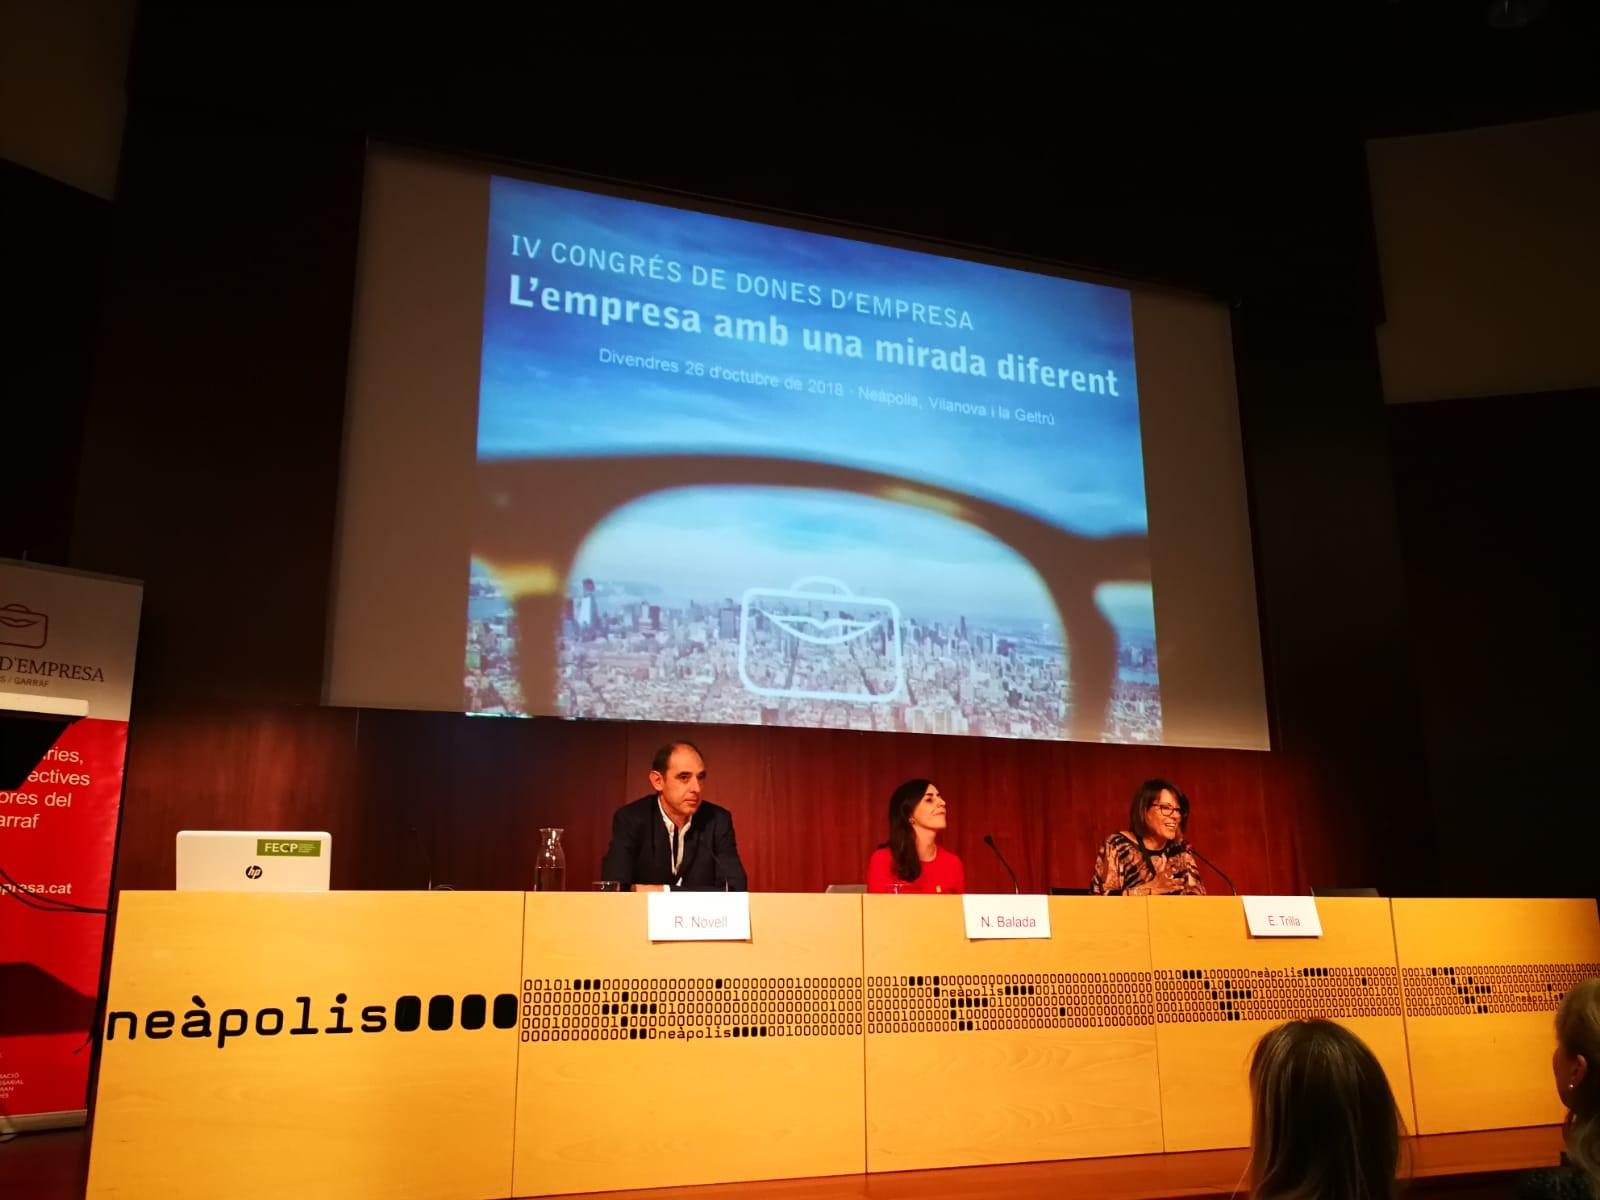 La Regidoria d'Ocupació ha estat present al 4t Congrés de Dones d'Empresa